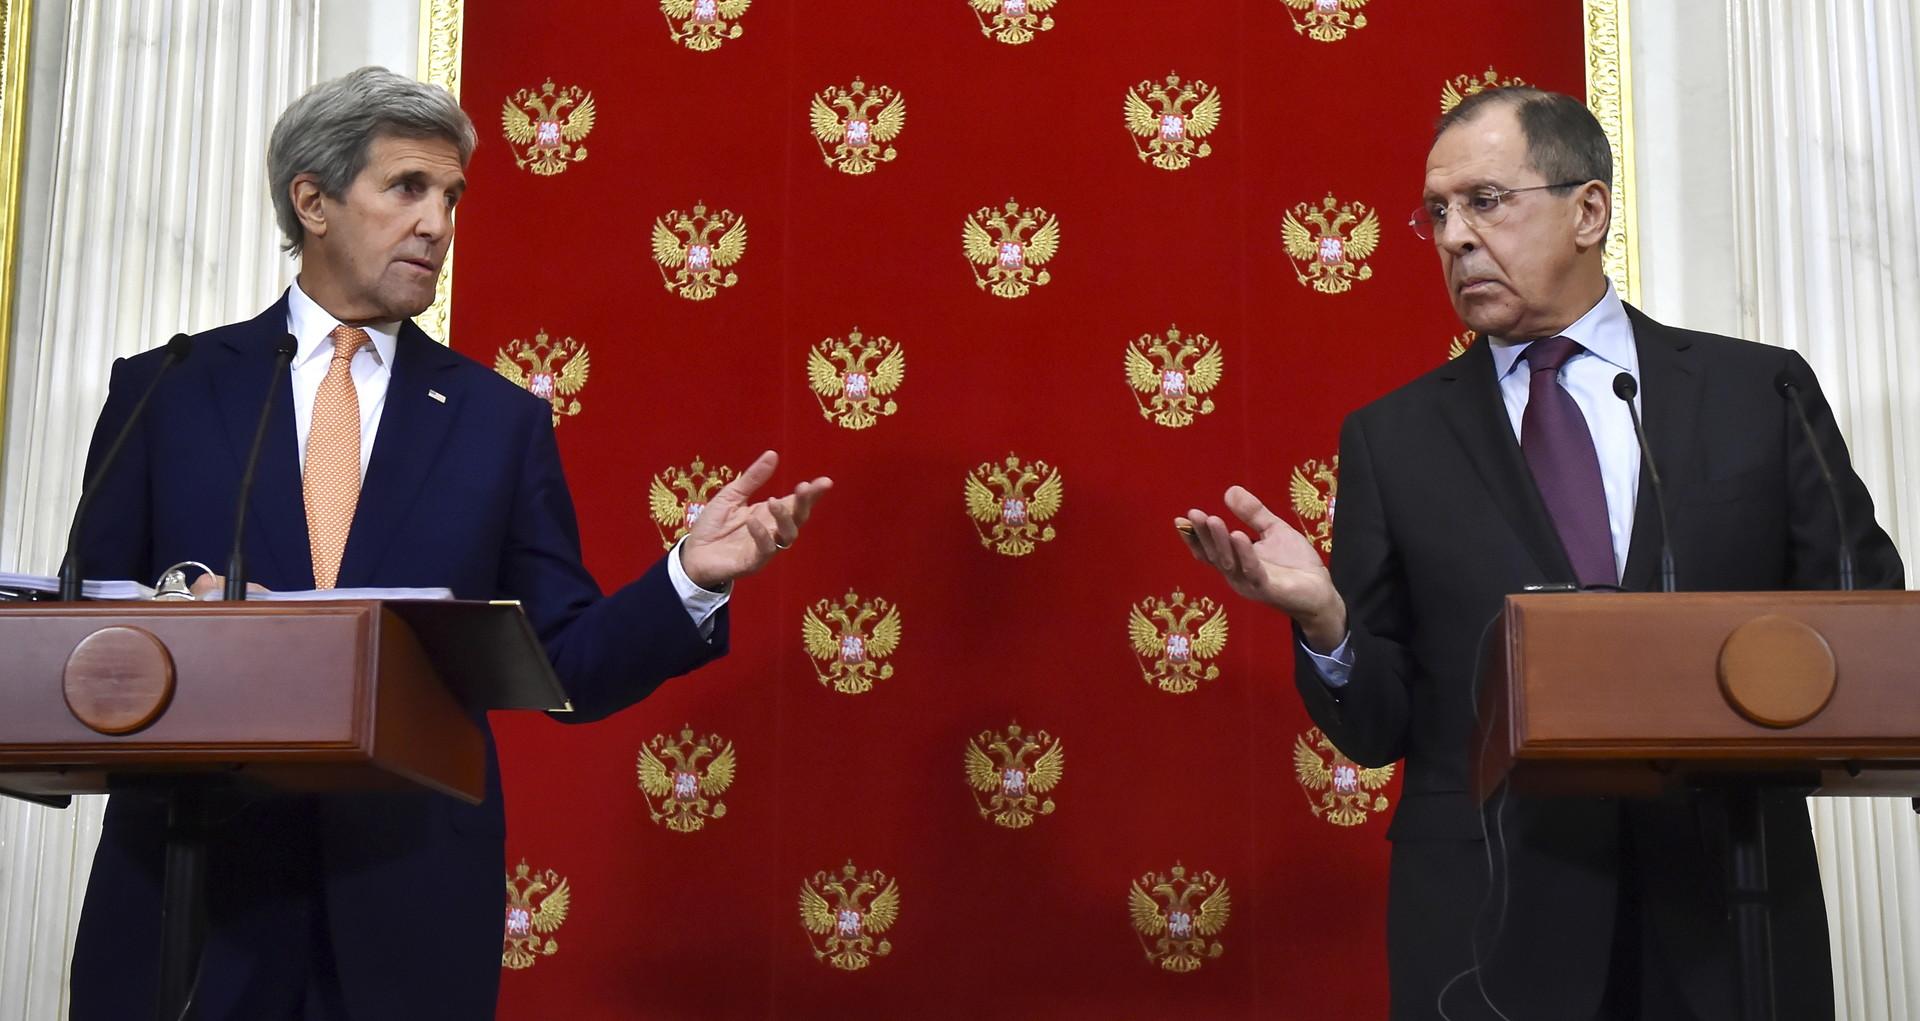 Эффектная внешняя политика: выбери самого стильного главу МИД